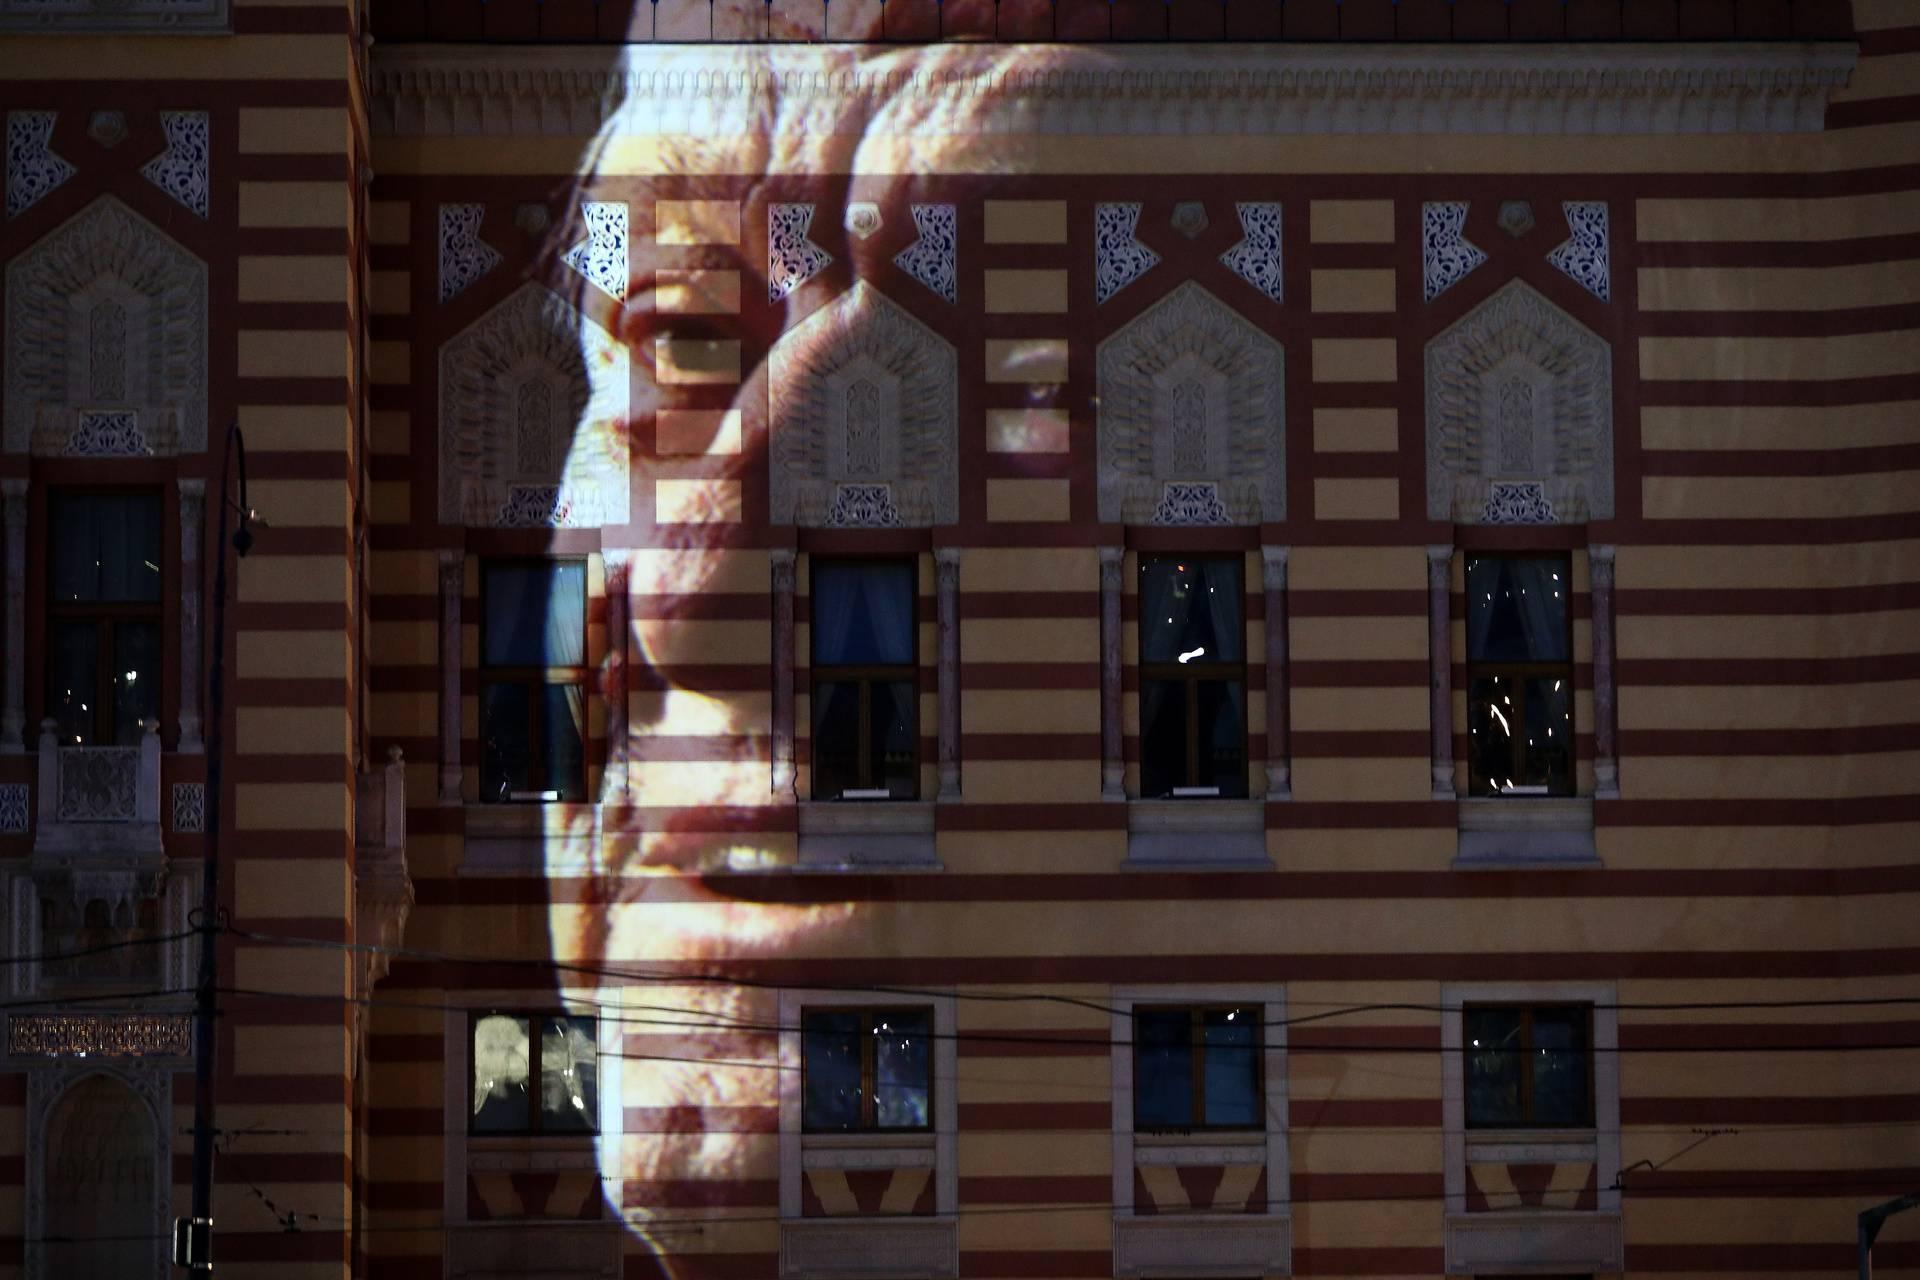 Na zgradi sarajevske Vijećnice projekcija u čast Jovana Divjaka